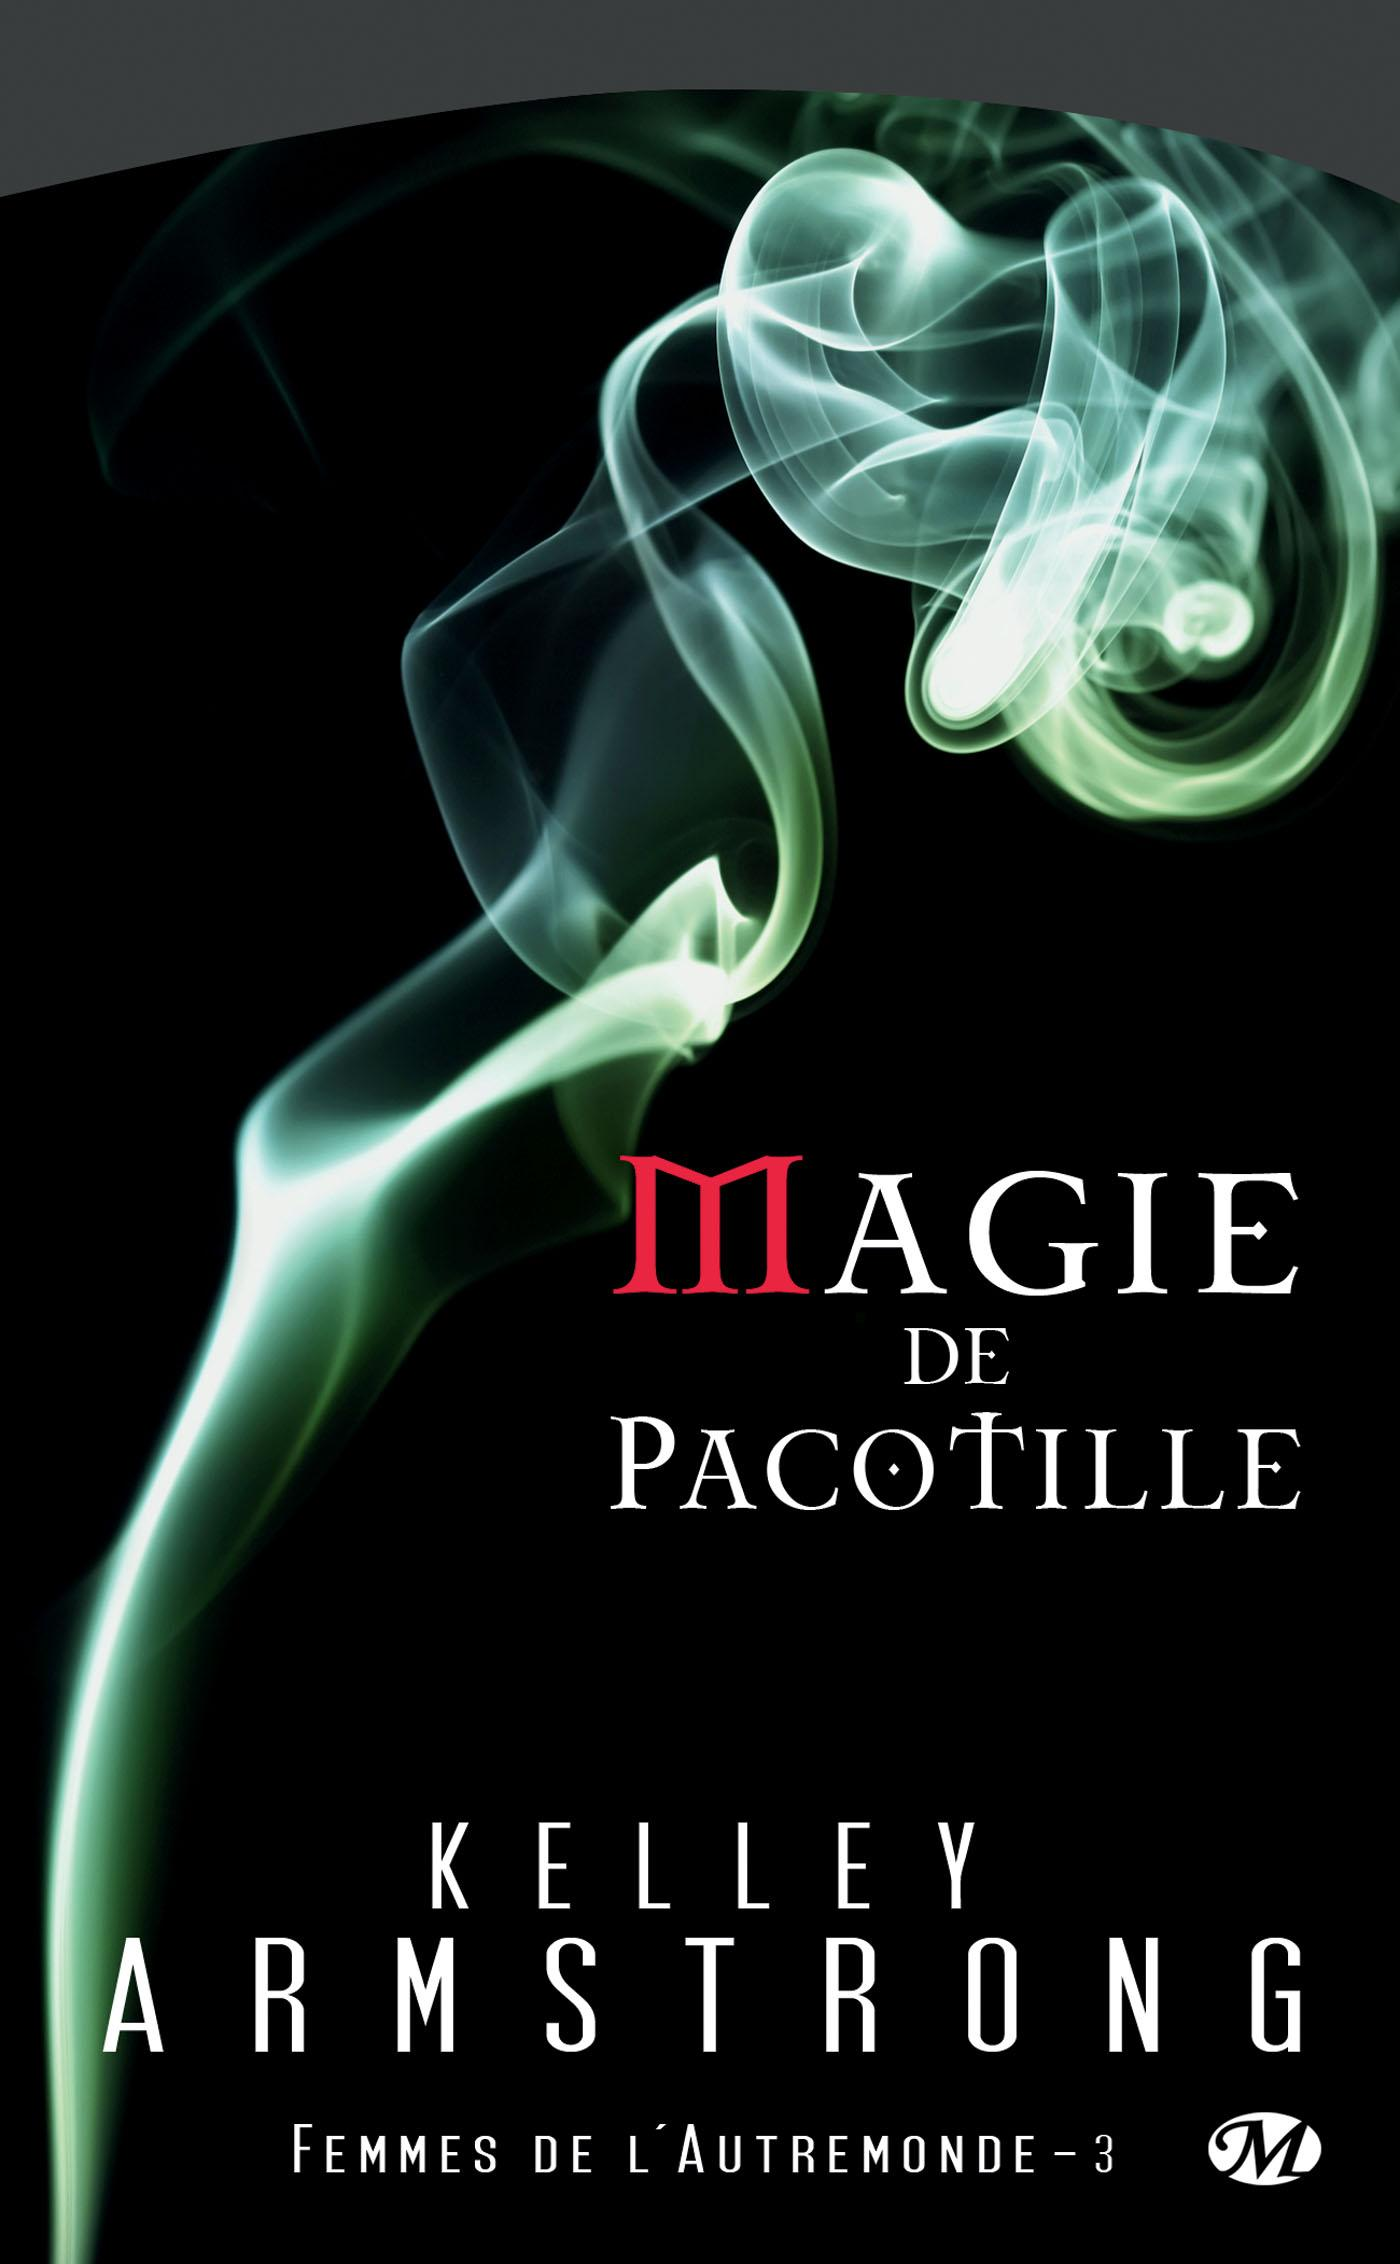 Magie de pacotille, FEMMES DE L'AUTREMONDE, T3